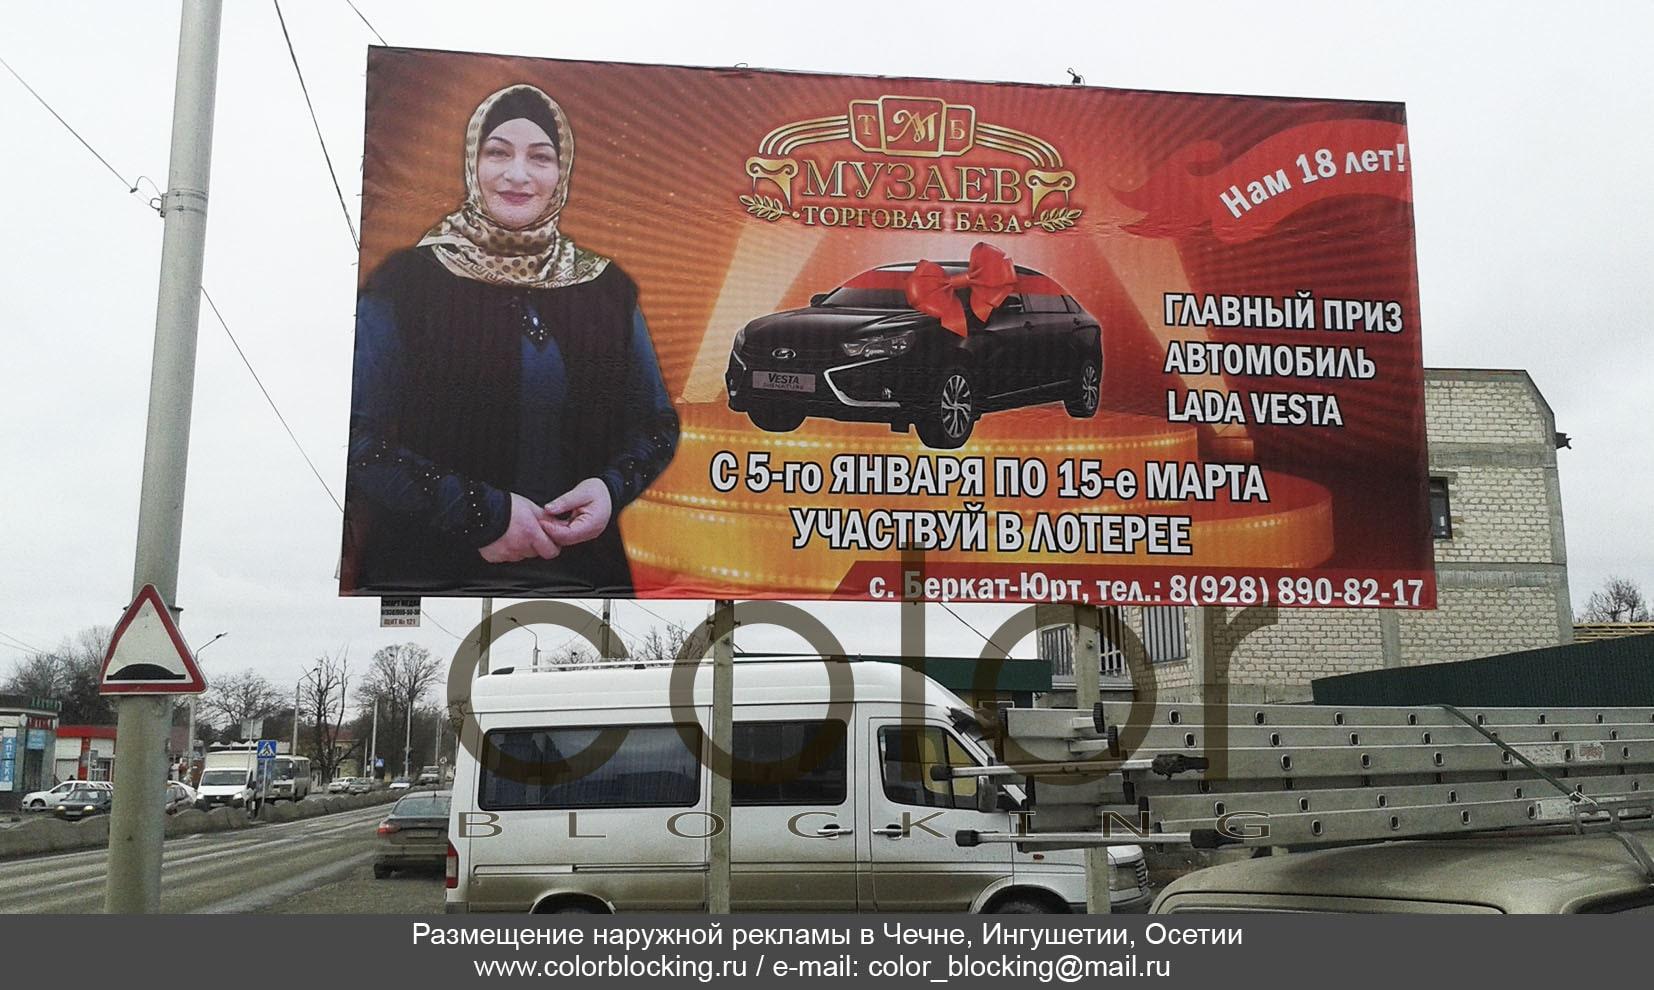 Чечня рекламные щиты проспект